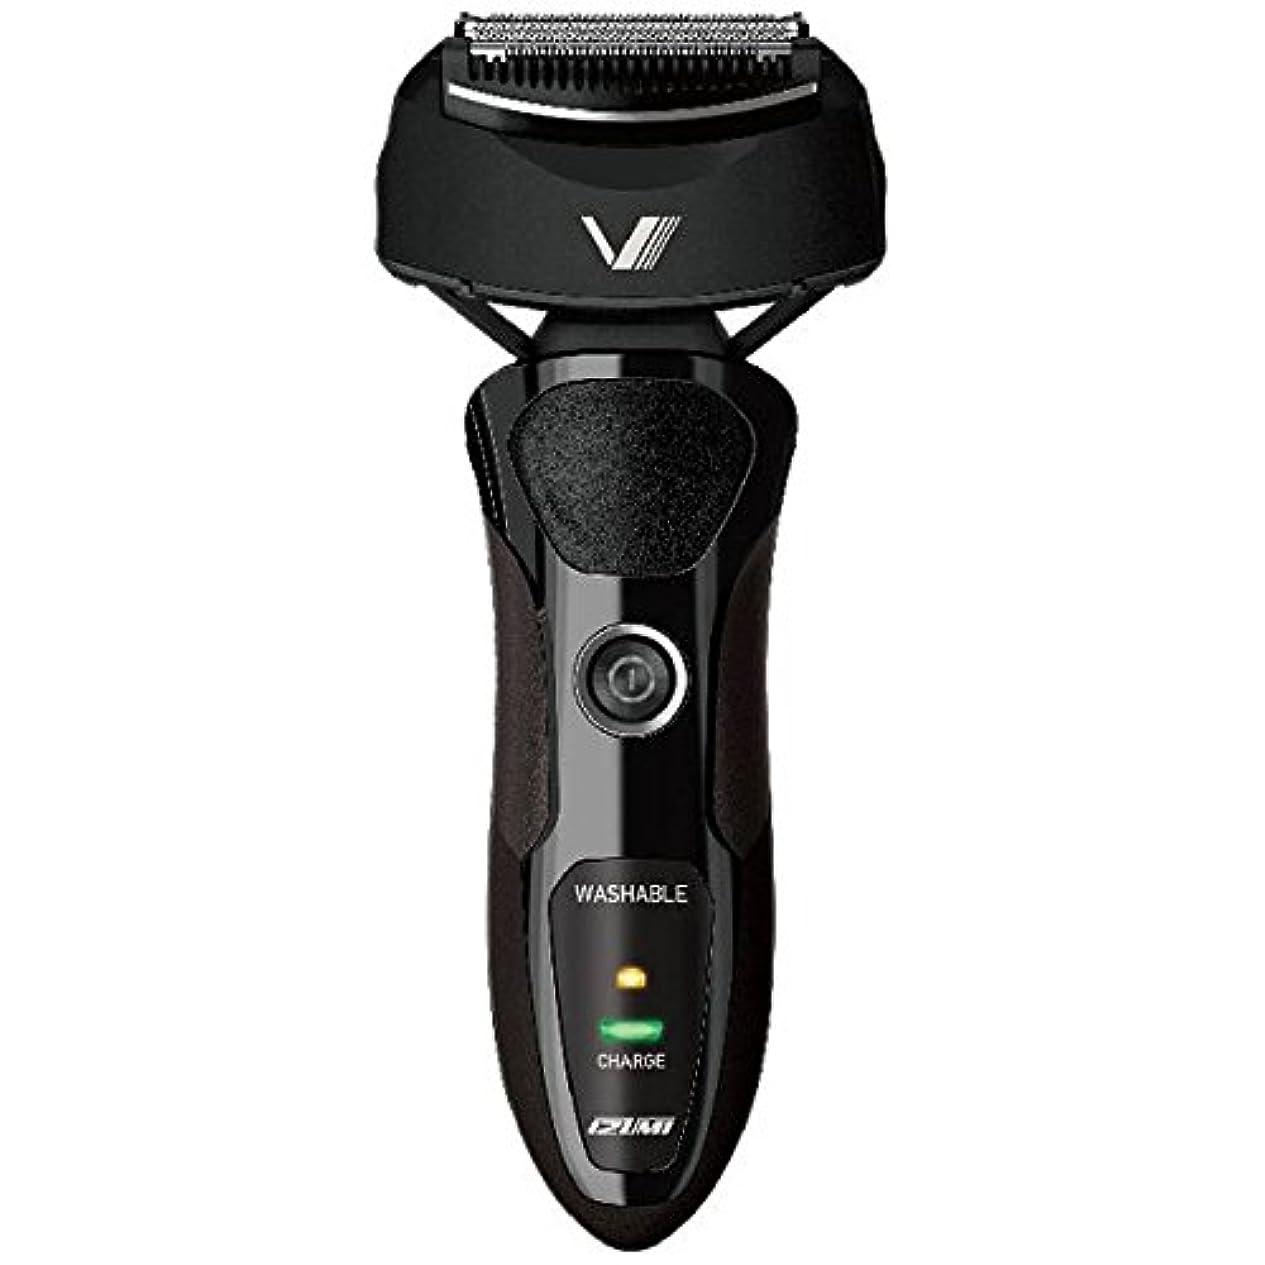 港傾向があります小康IZUMI VIDAN 往復式シェーバー 深剃りシリーズ 3枚刃 ブラック IZF-V36-K